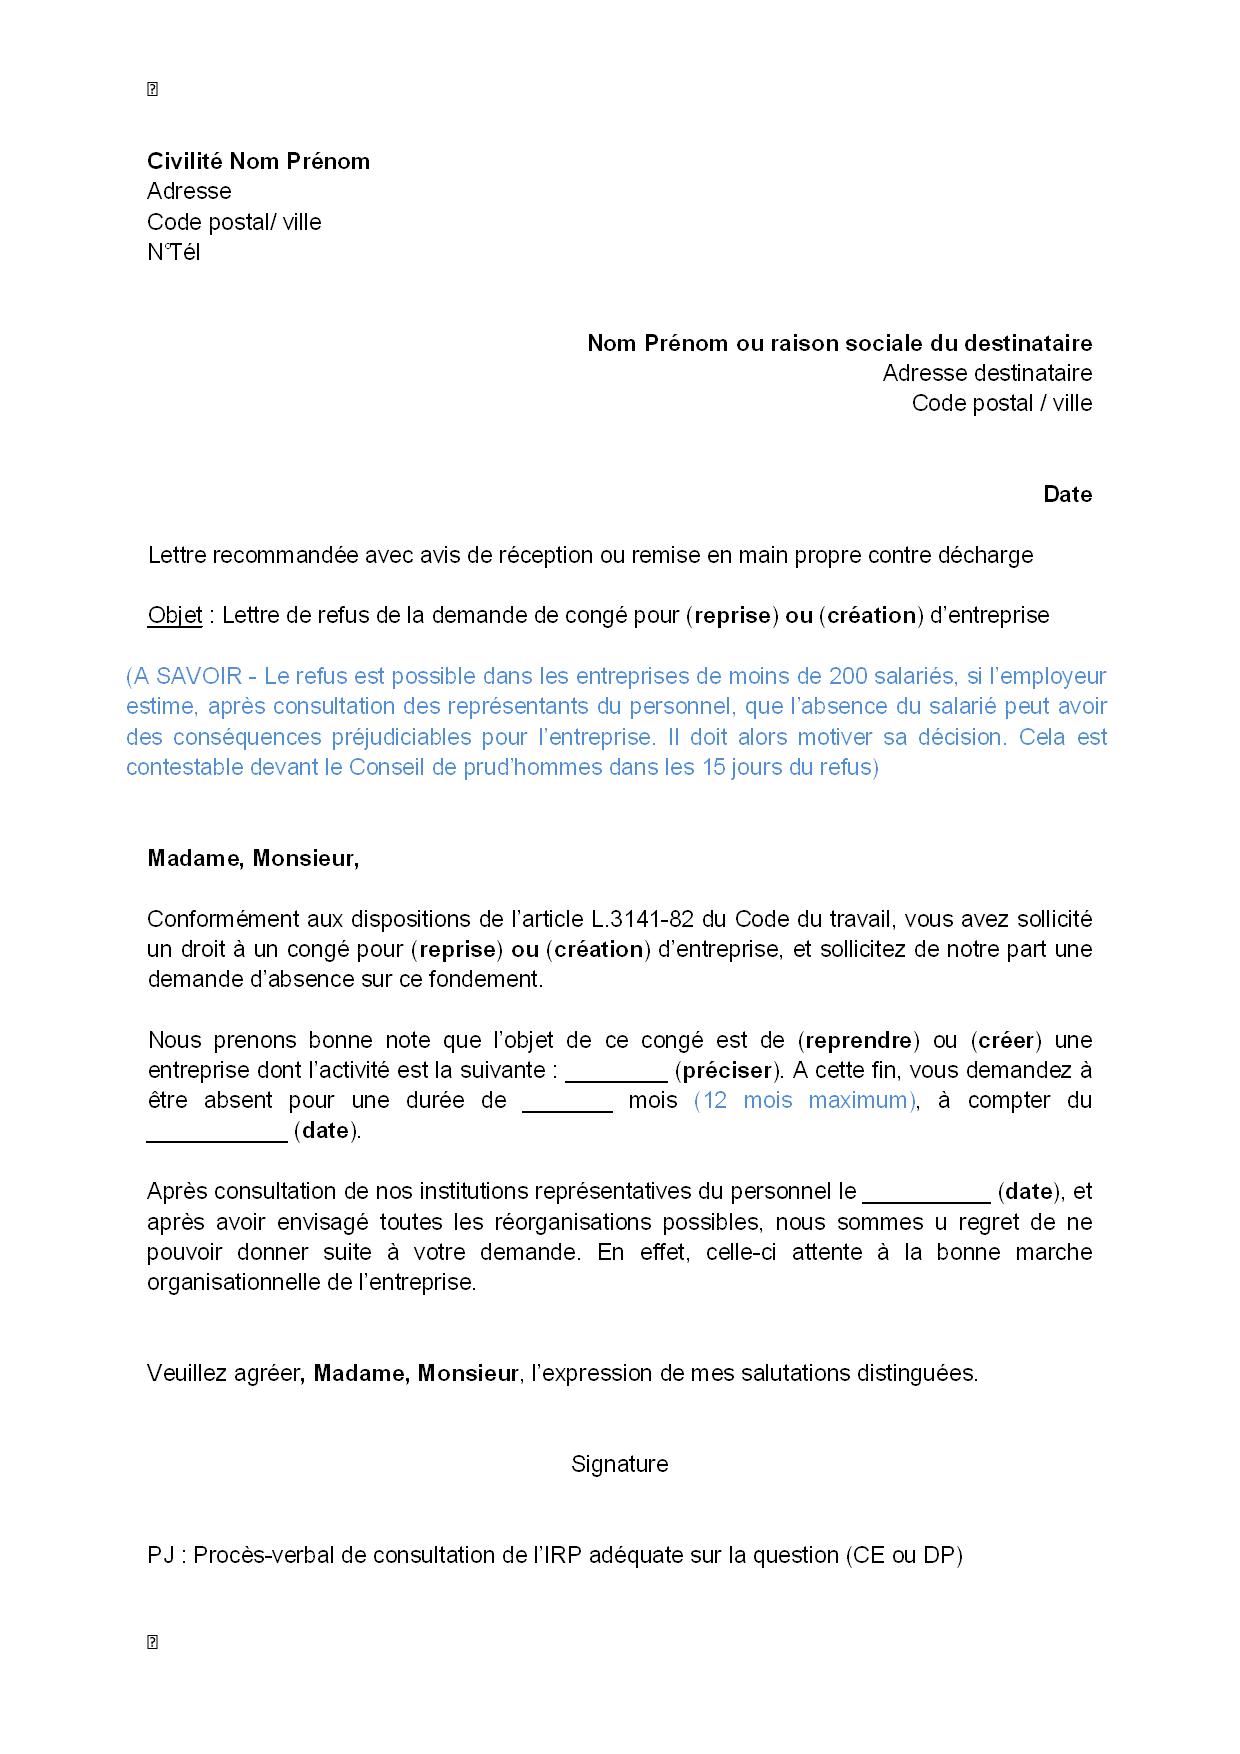 lettre de refus  par l u0026 39 employeur  de la demande du salari u00e9 de cong u00e9 pour cr u00e9ation ou reprise d